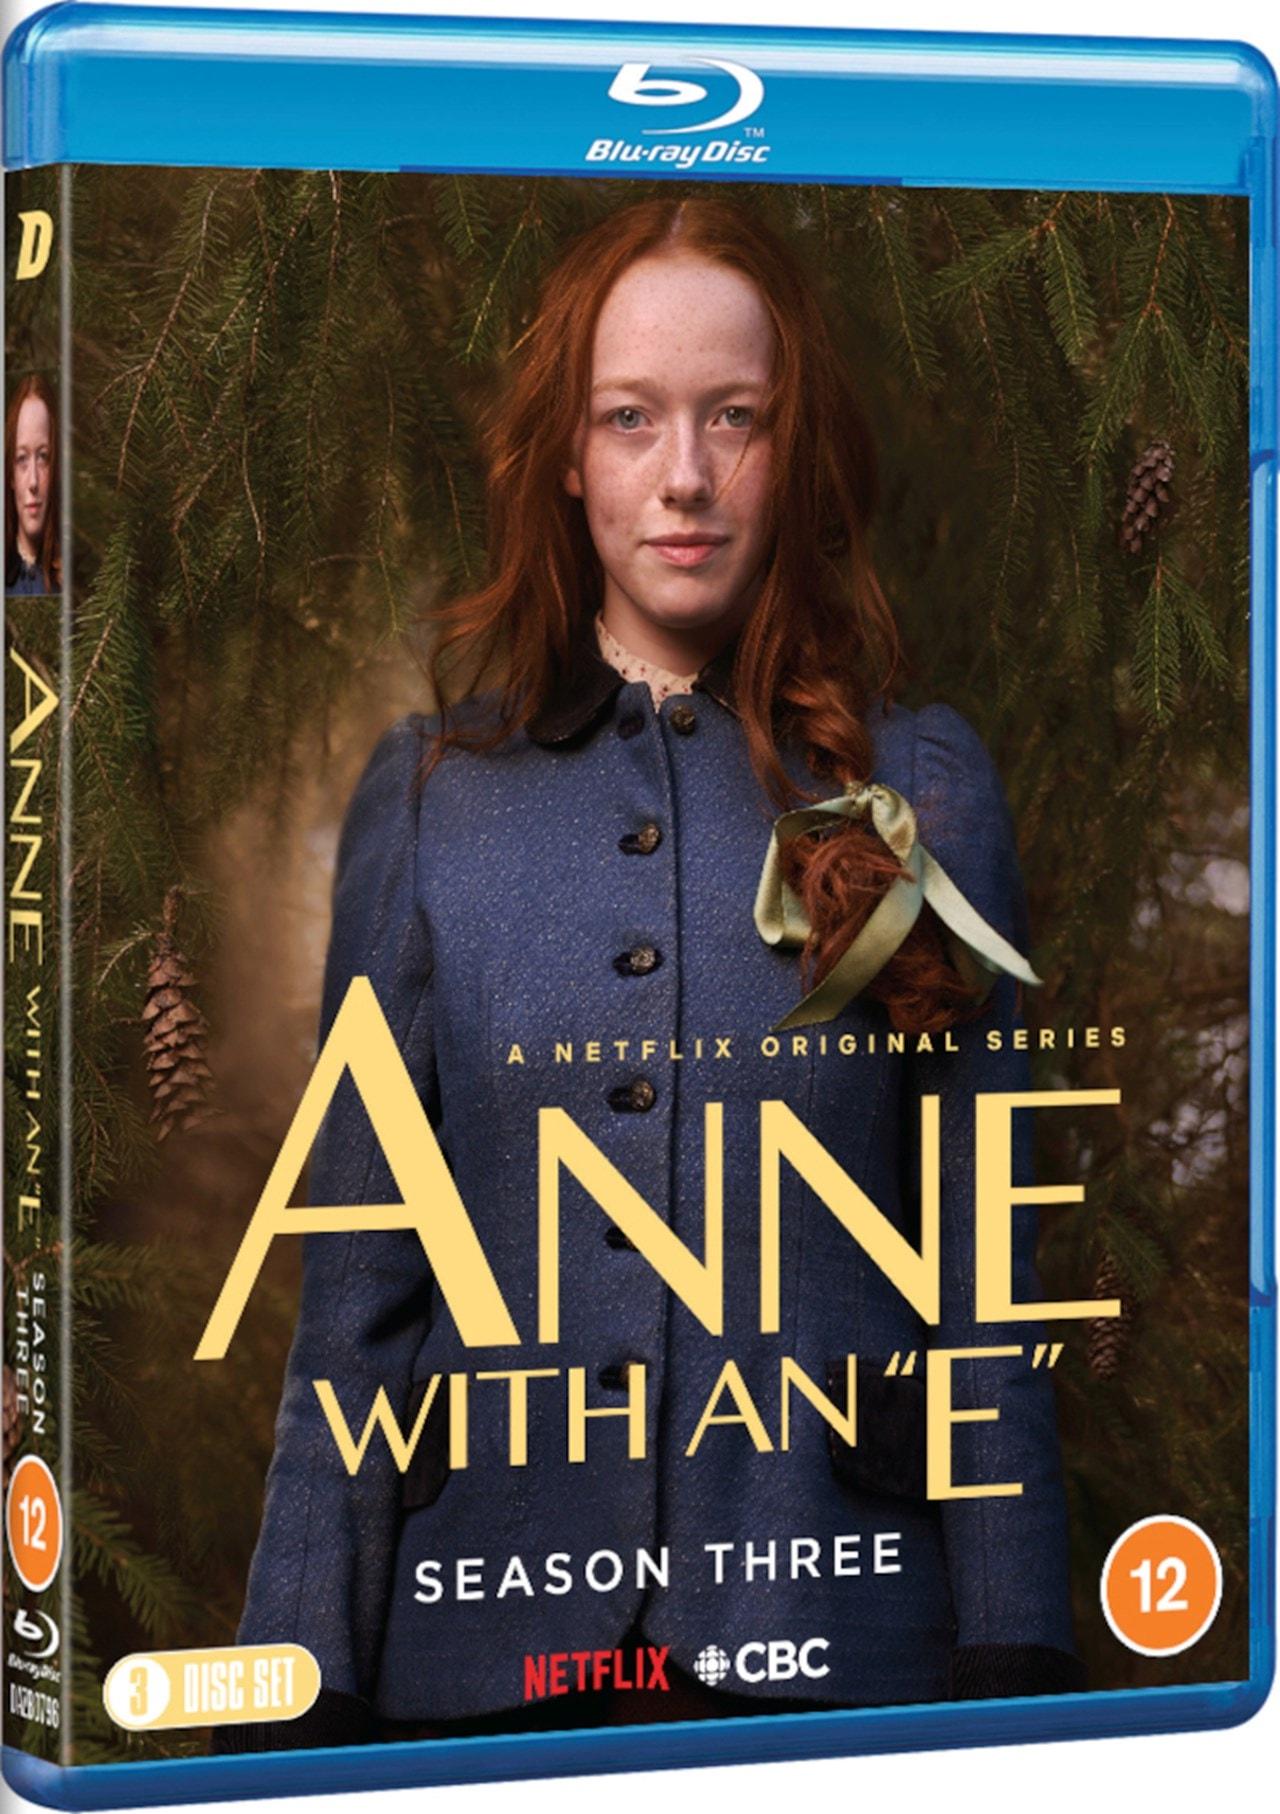 Anne With an E: Season 3 - 2